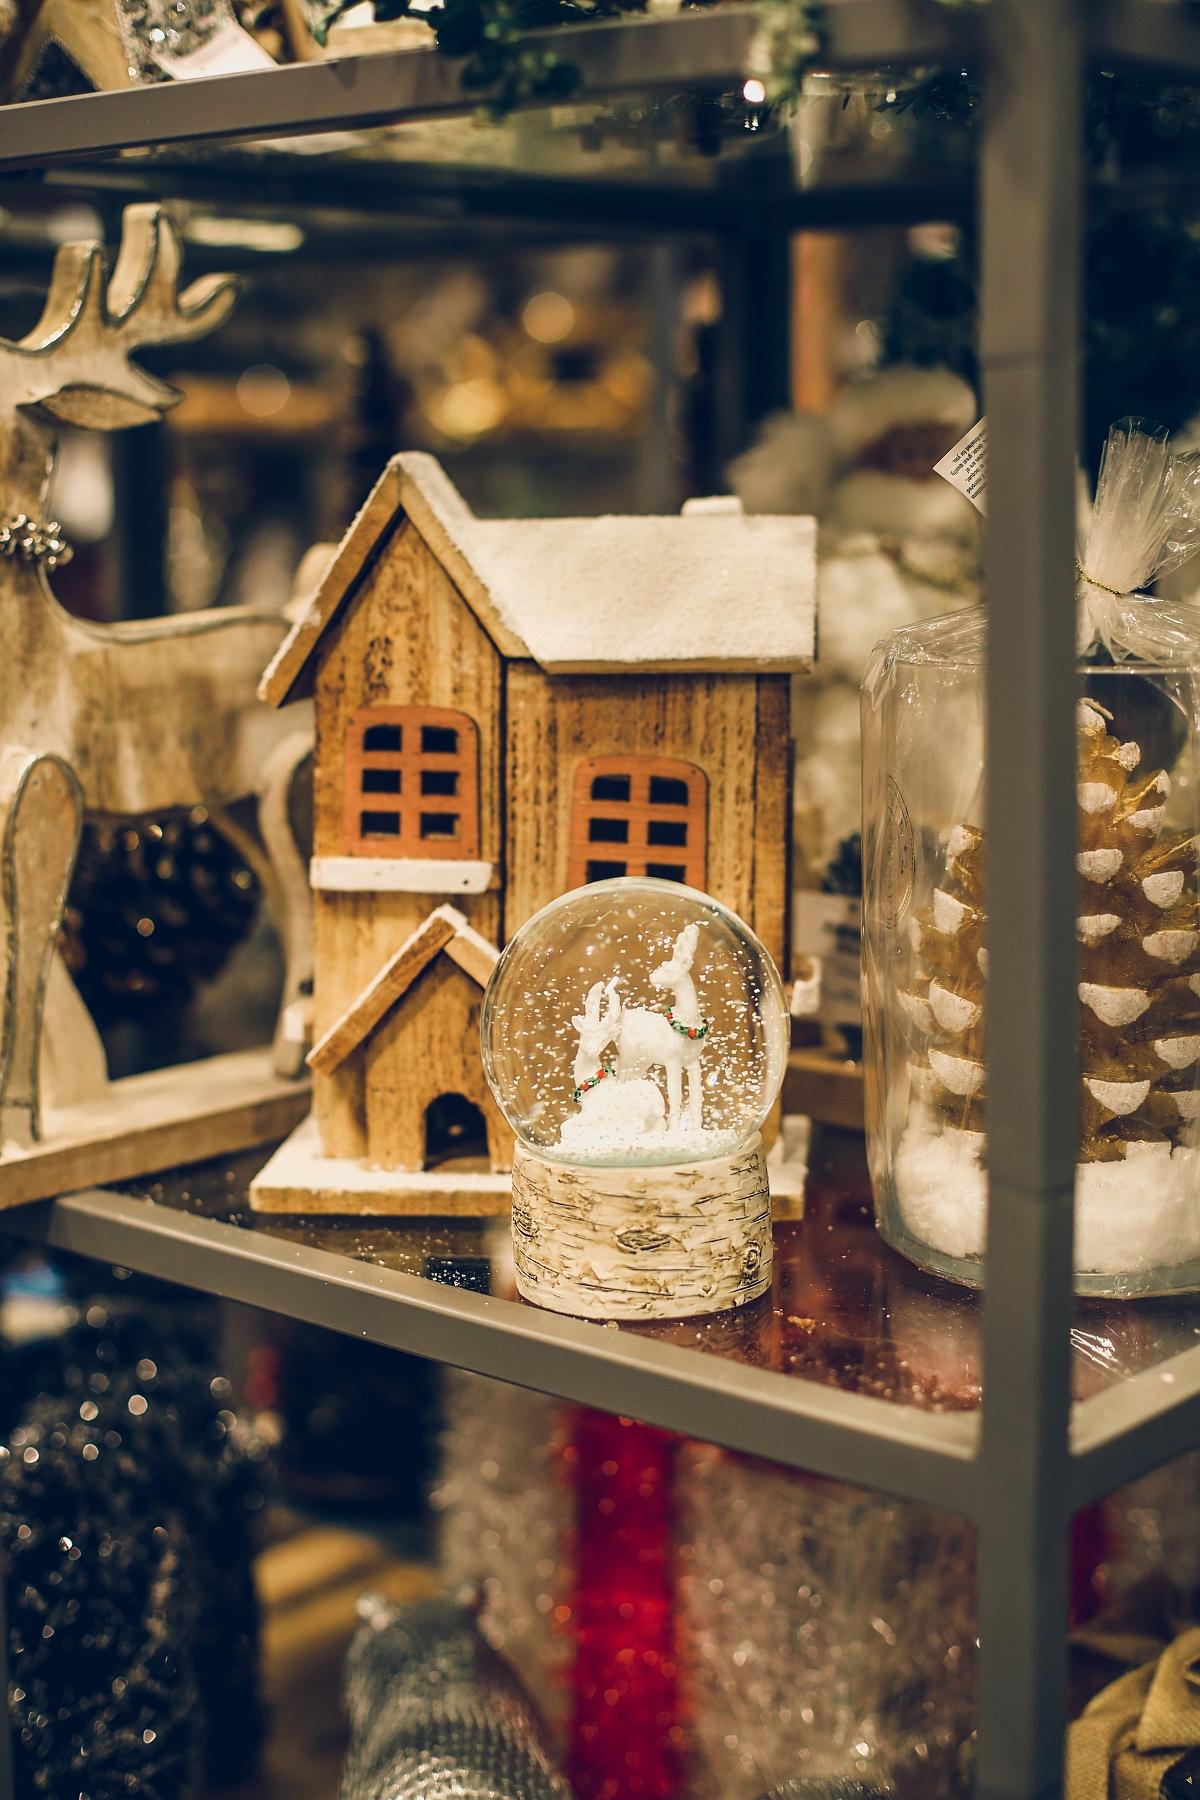 świąteczne prezenty dla każdego TK Maxx kula sztuczny śnieg drewniany domek